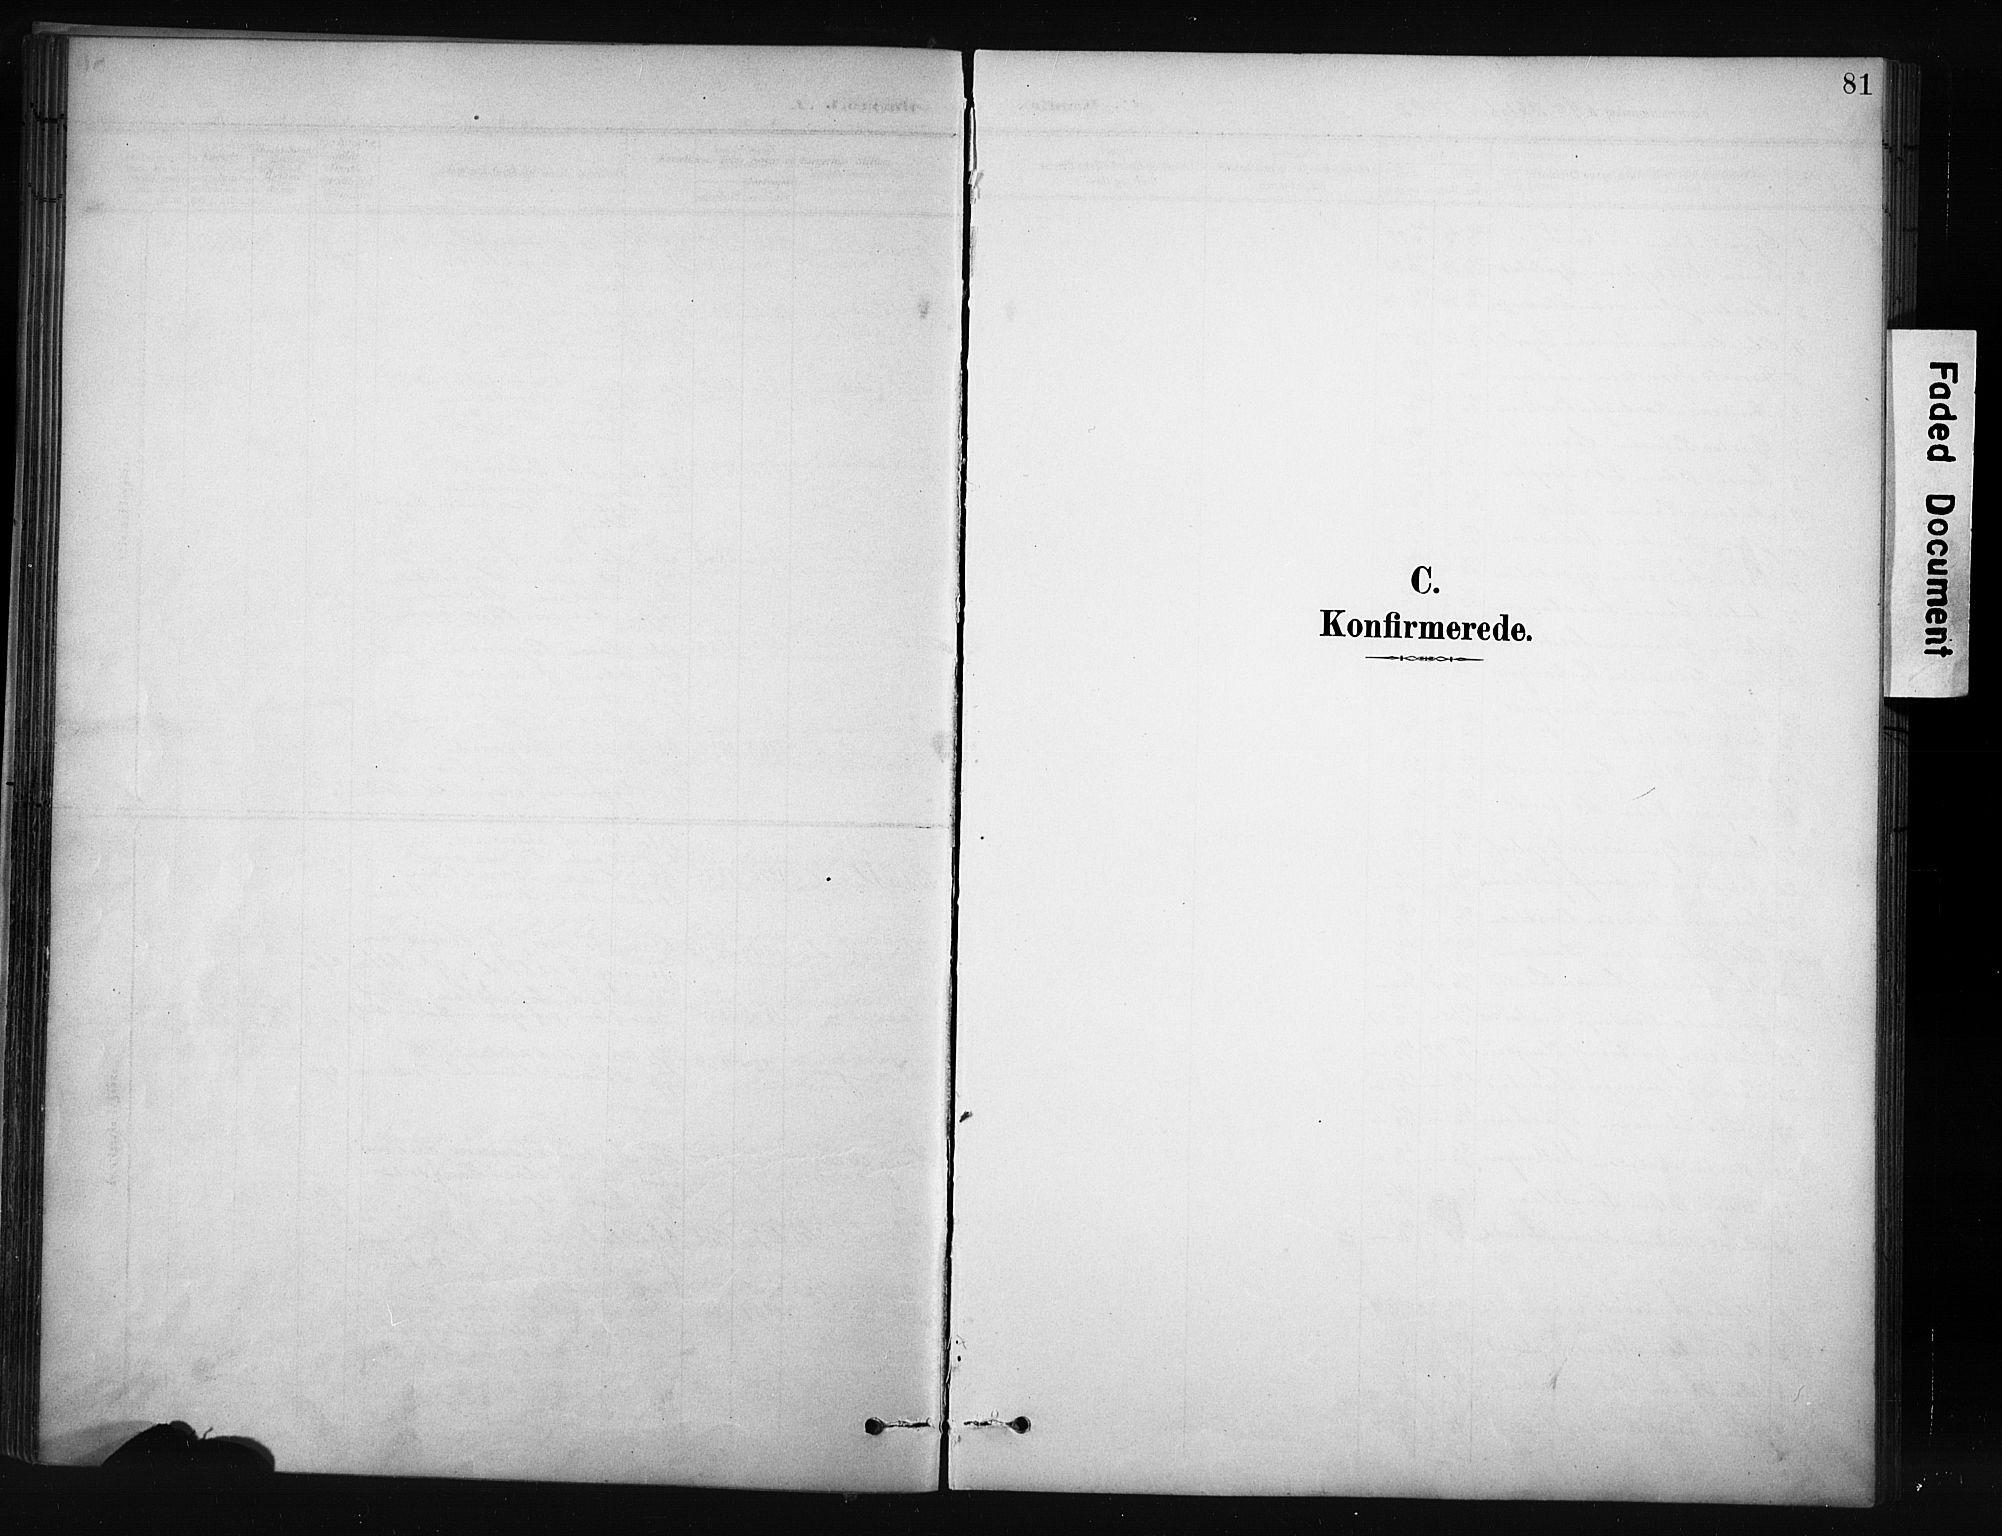 SAH, Nordre Land prestekontor, Klokkerbok nr. 12, 1891-1909, s. 81